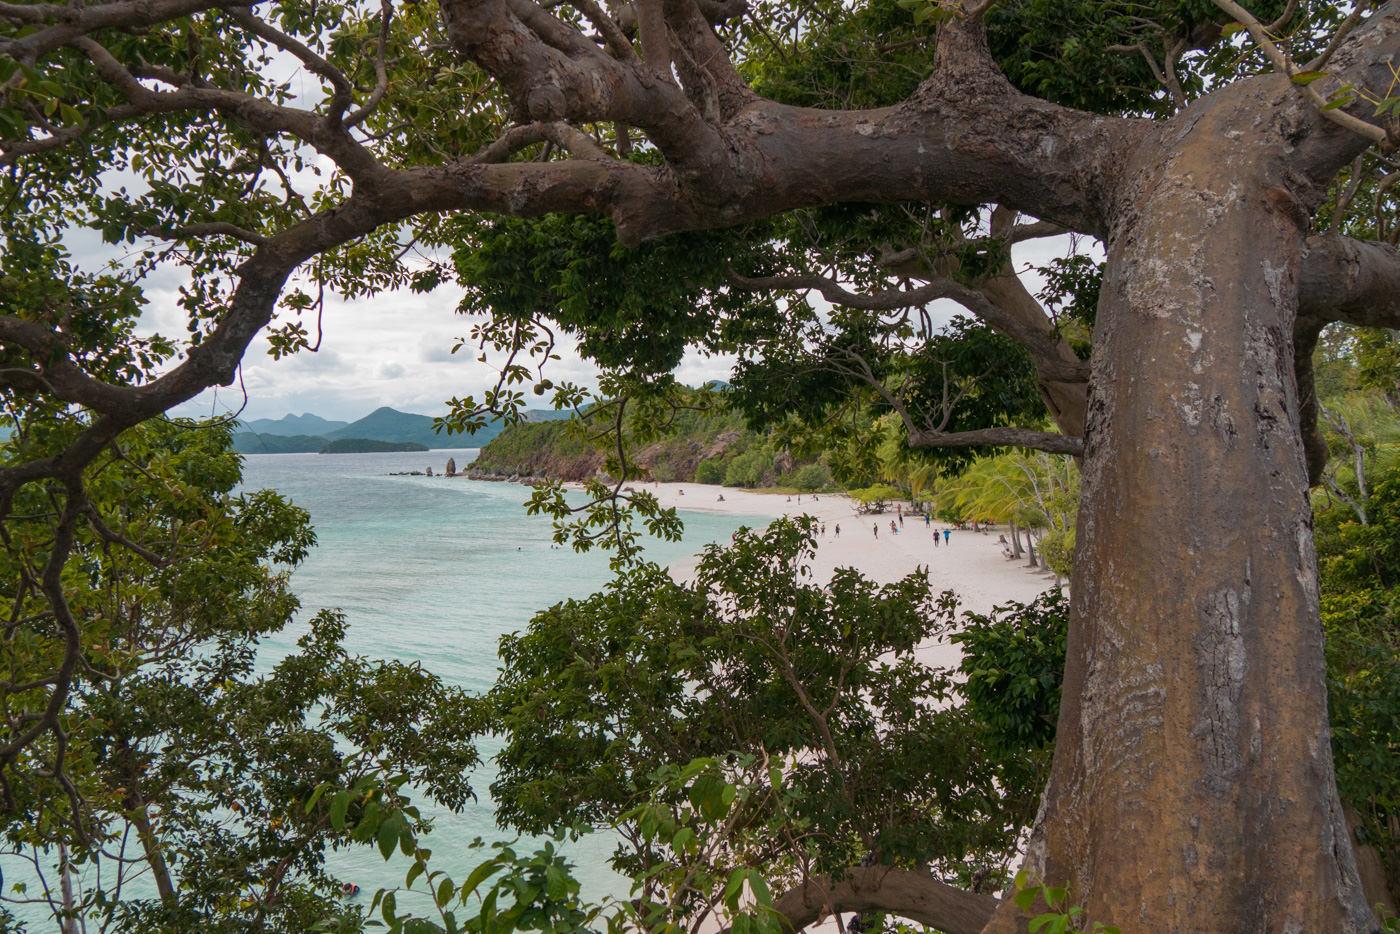 Blick auf Strand und Meer der Malcapuya Island auf den Philippinen